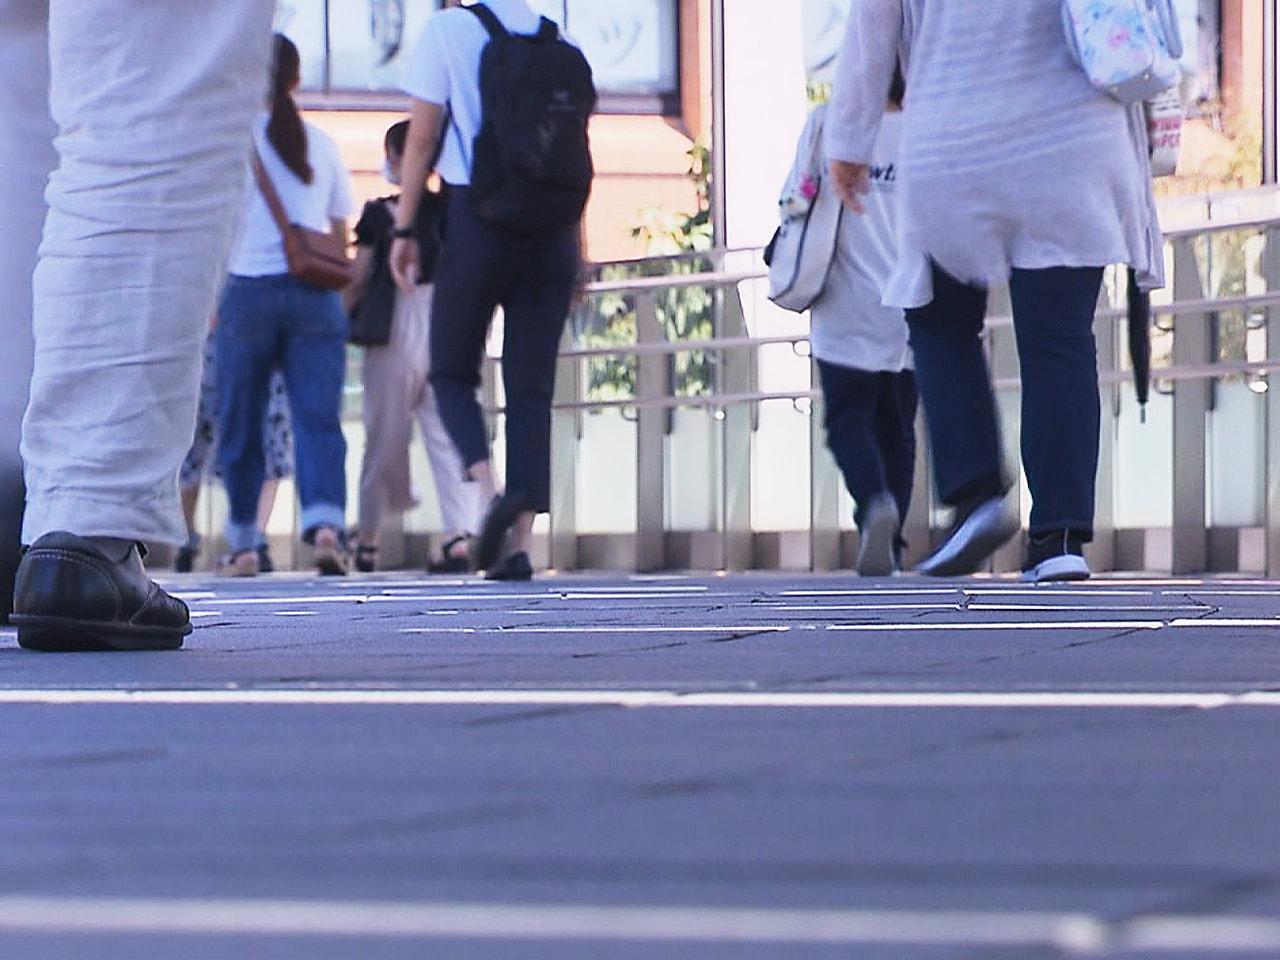 岐阜県は27日、緊急事態宣言の対象地域に追加されました。 酒類を提供する飲食店に...